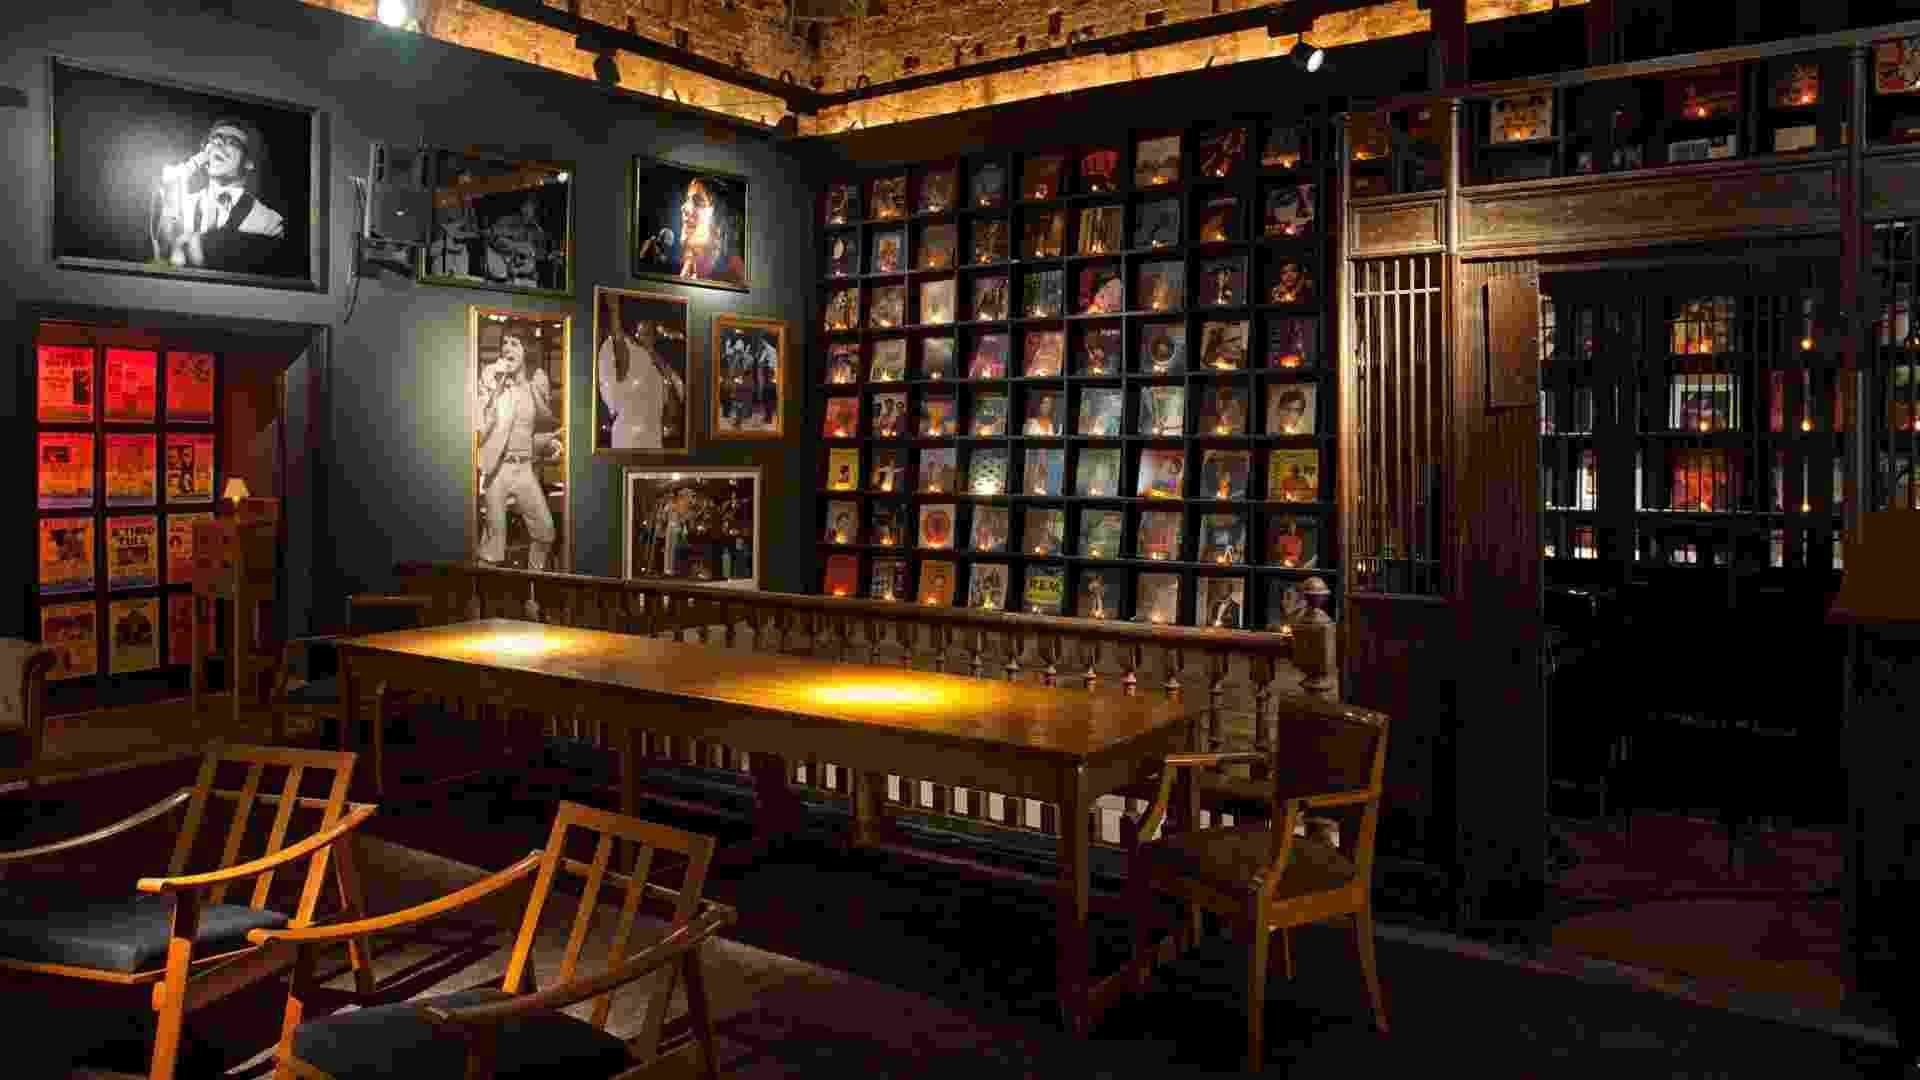 Beto Figueiredo e Luiz Eduardo Almeida criaram o Flash Back Bar, um ambiente em penumbra que possui uma grande estante com capas de discos icônicos. A Casa Cor RJ vai de 03 de outubro a 19 de novembro de 2012, no Rio de Janeiro - Divulgação